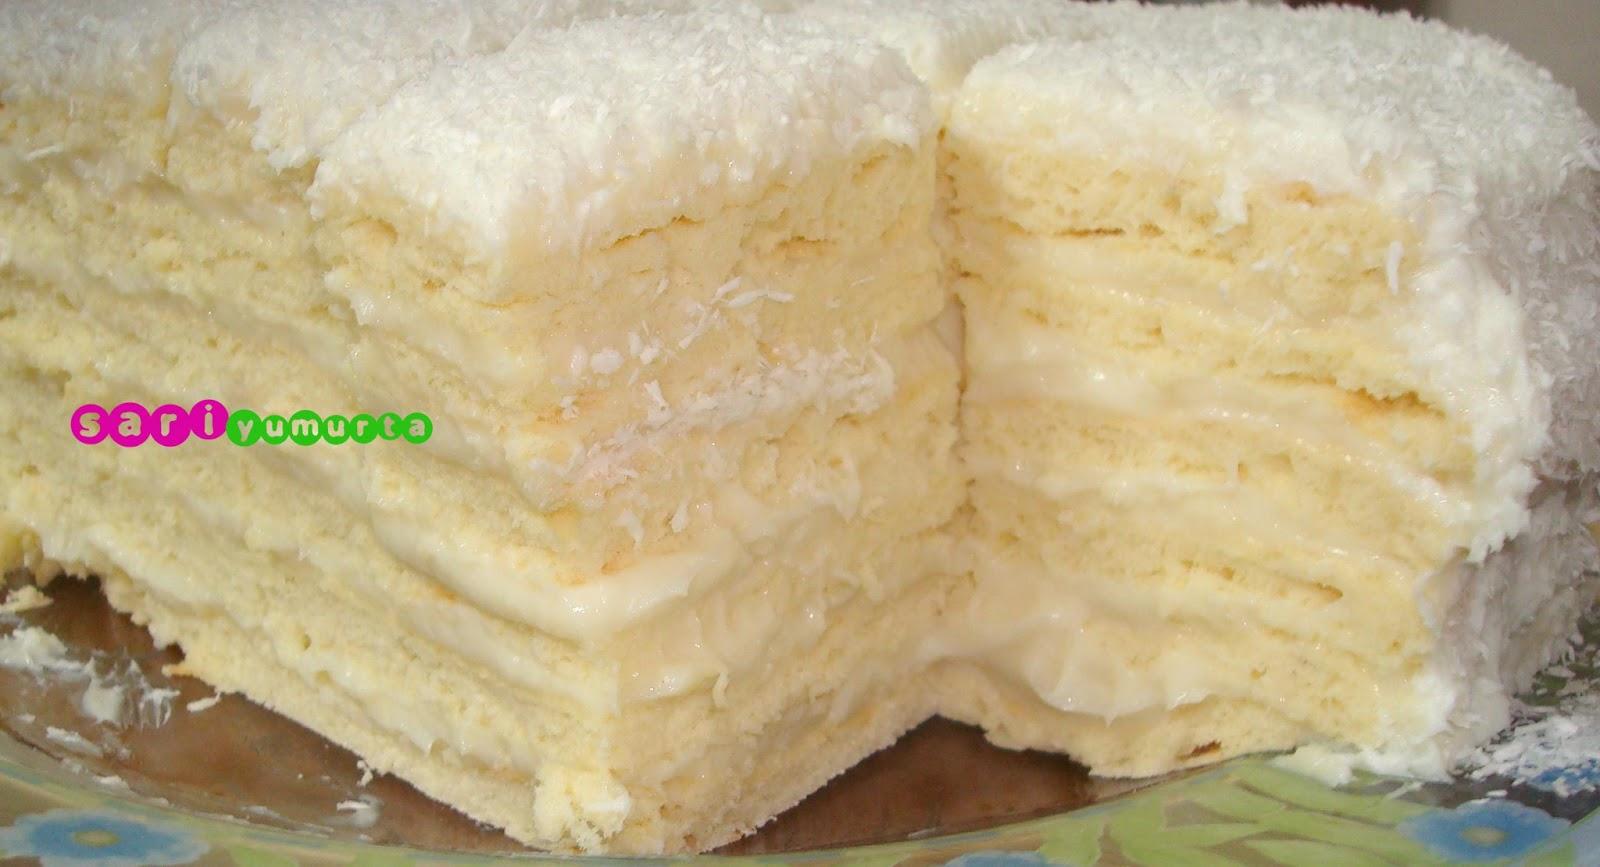 Amonyaklı Pasta Videosu